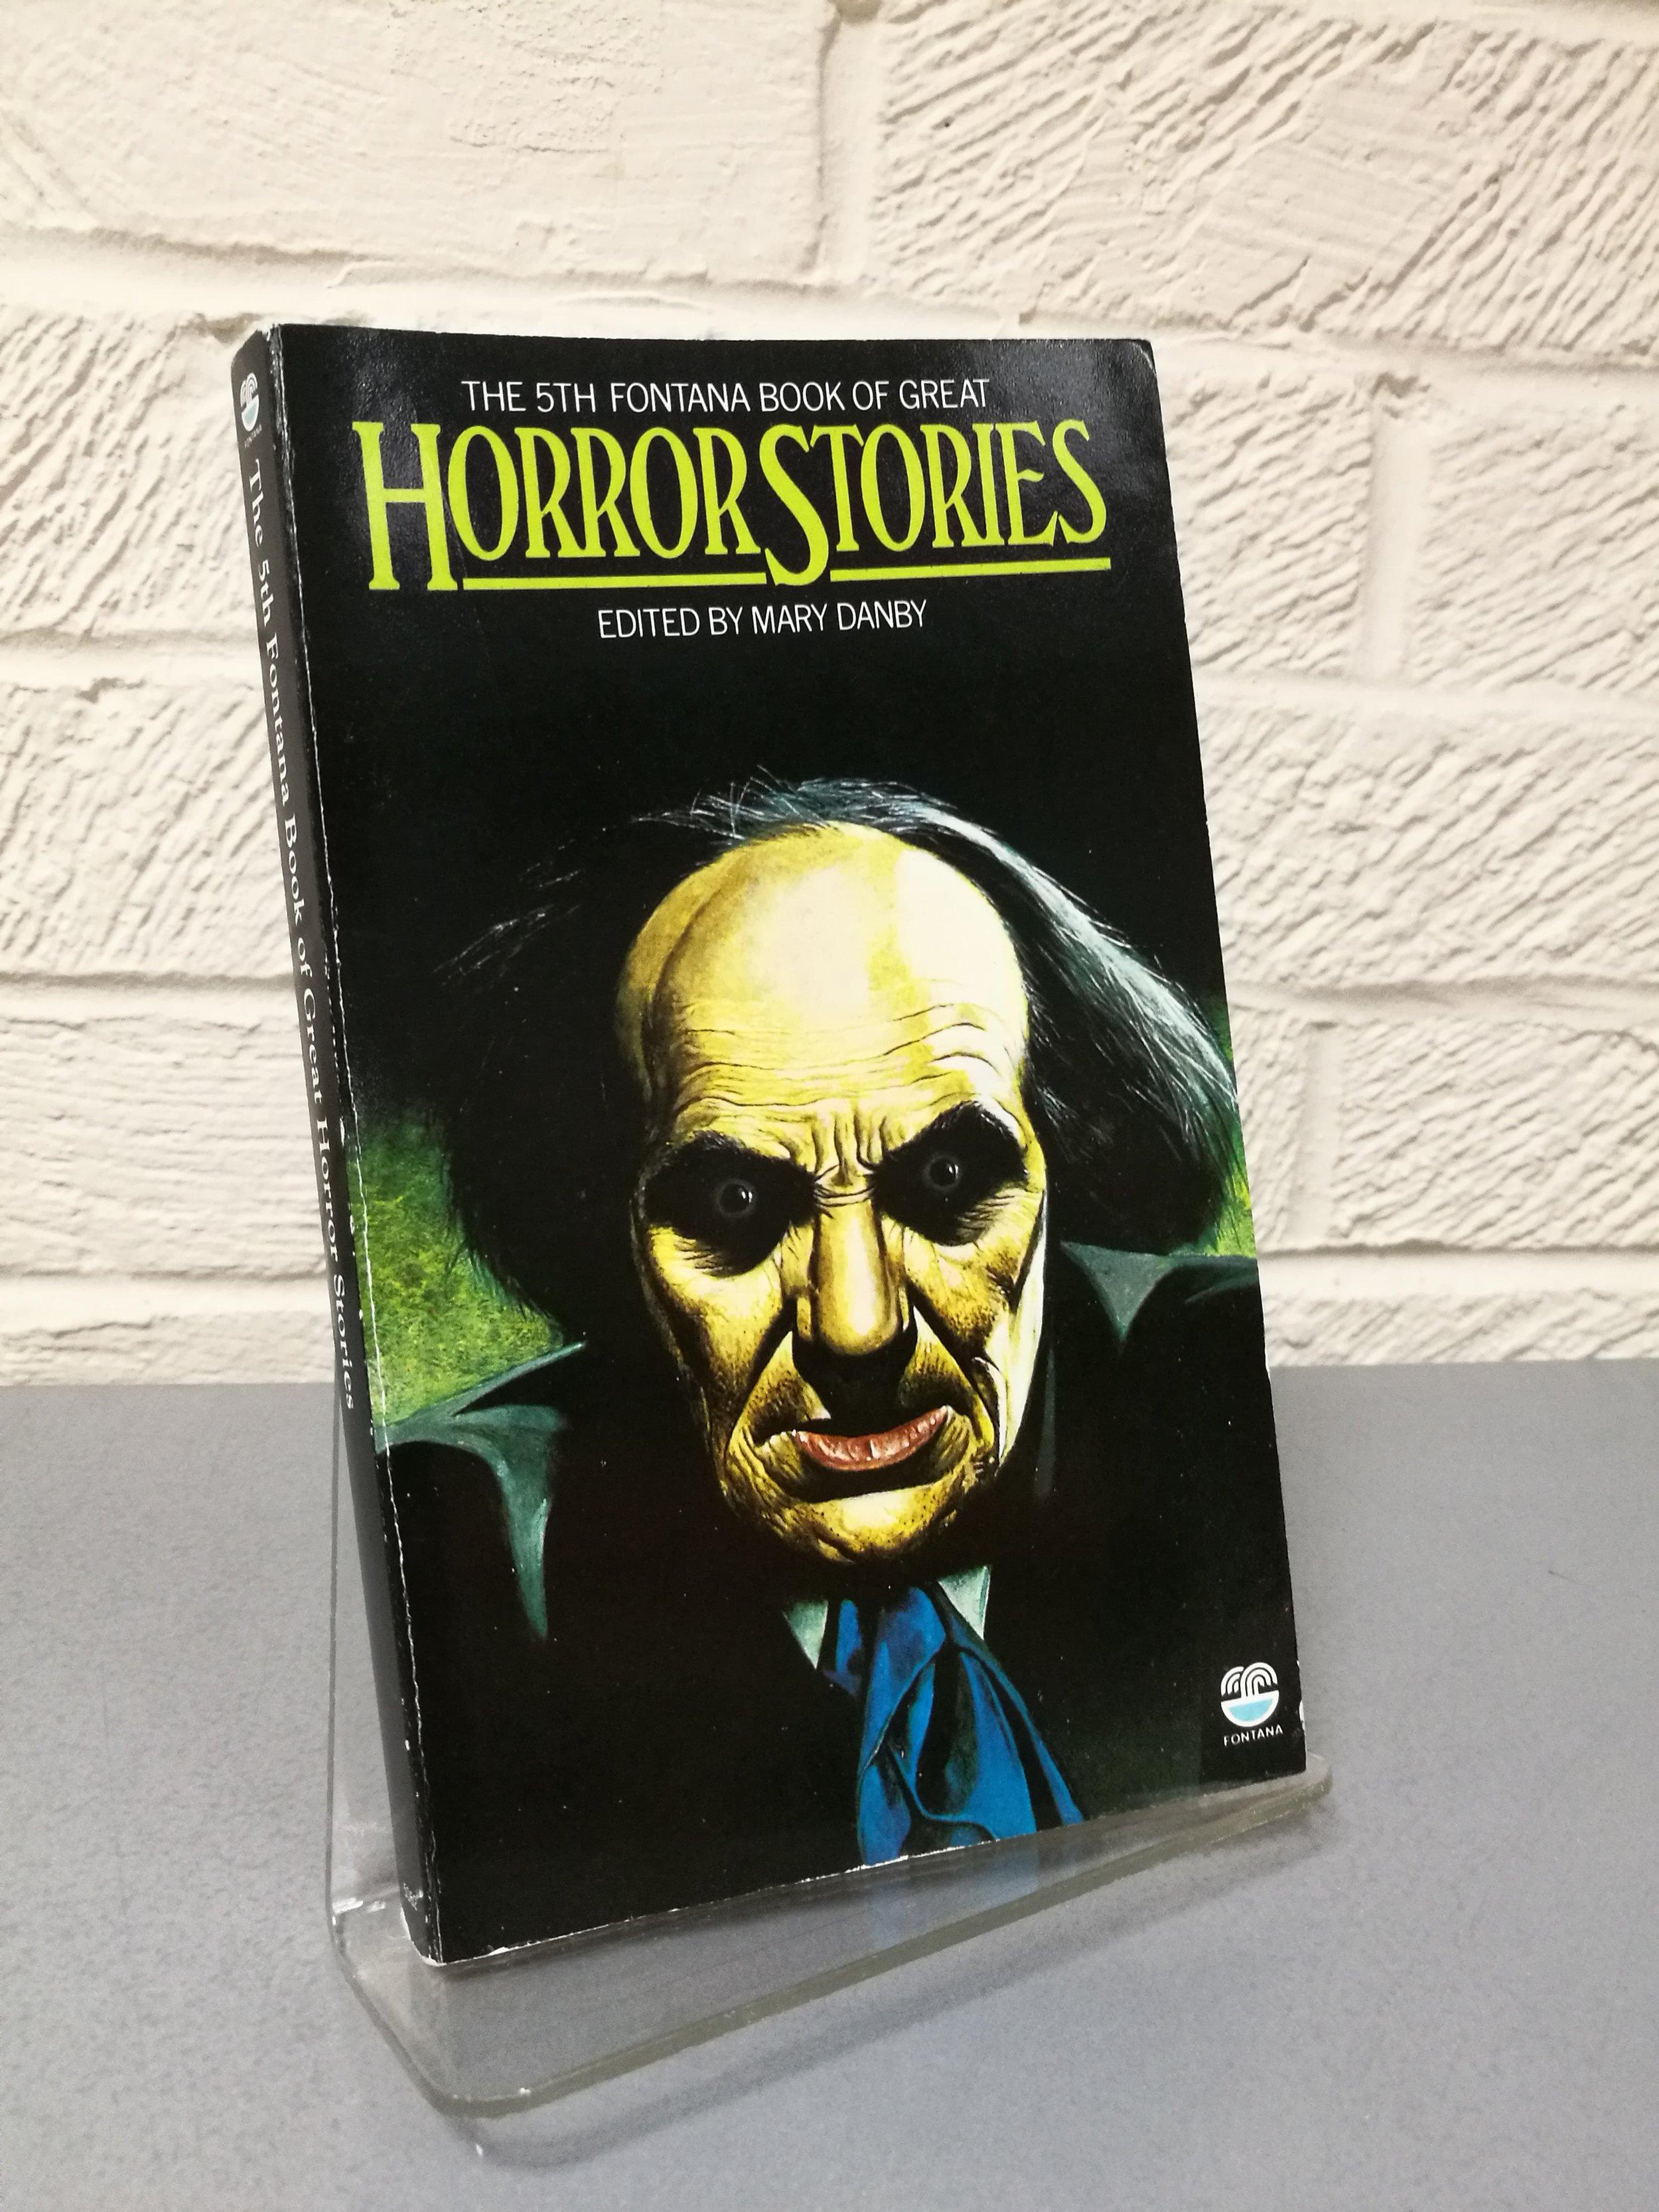 LB - Image - Horror Lounge - Dawn Sinclair - 5th book 1982.jpg